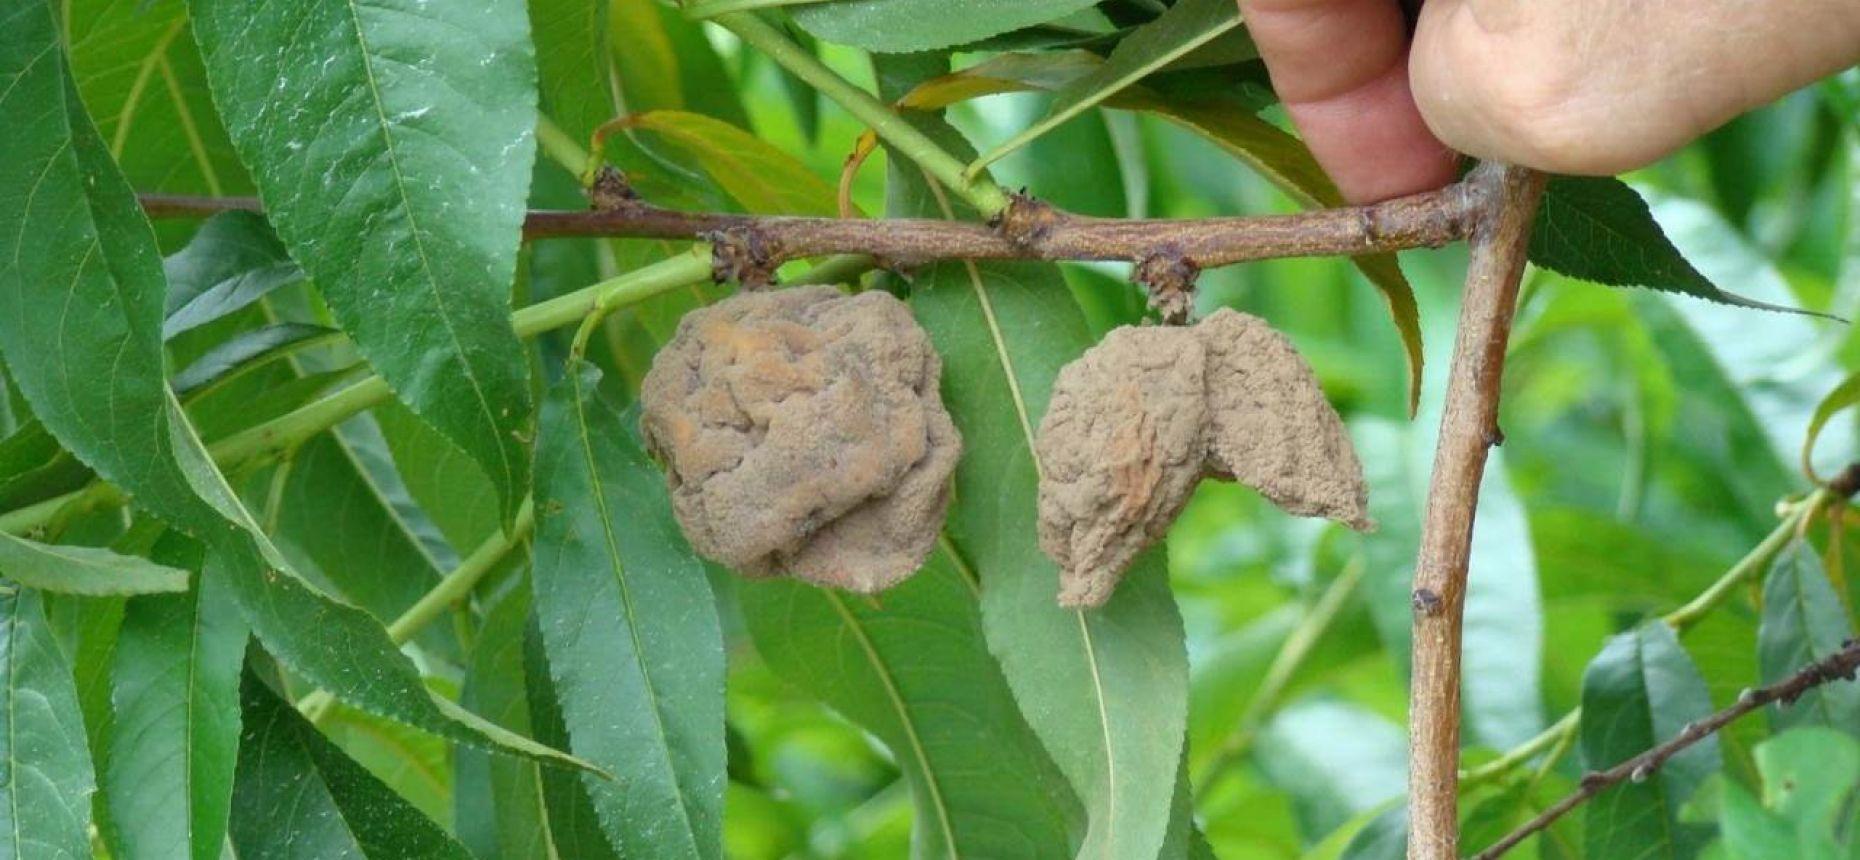 Курчавость листьев персика - Taphrina deformans (Berk.) Tul.(=Exoascus deformans (Fuck)